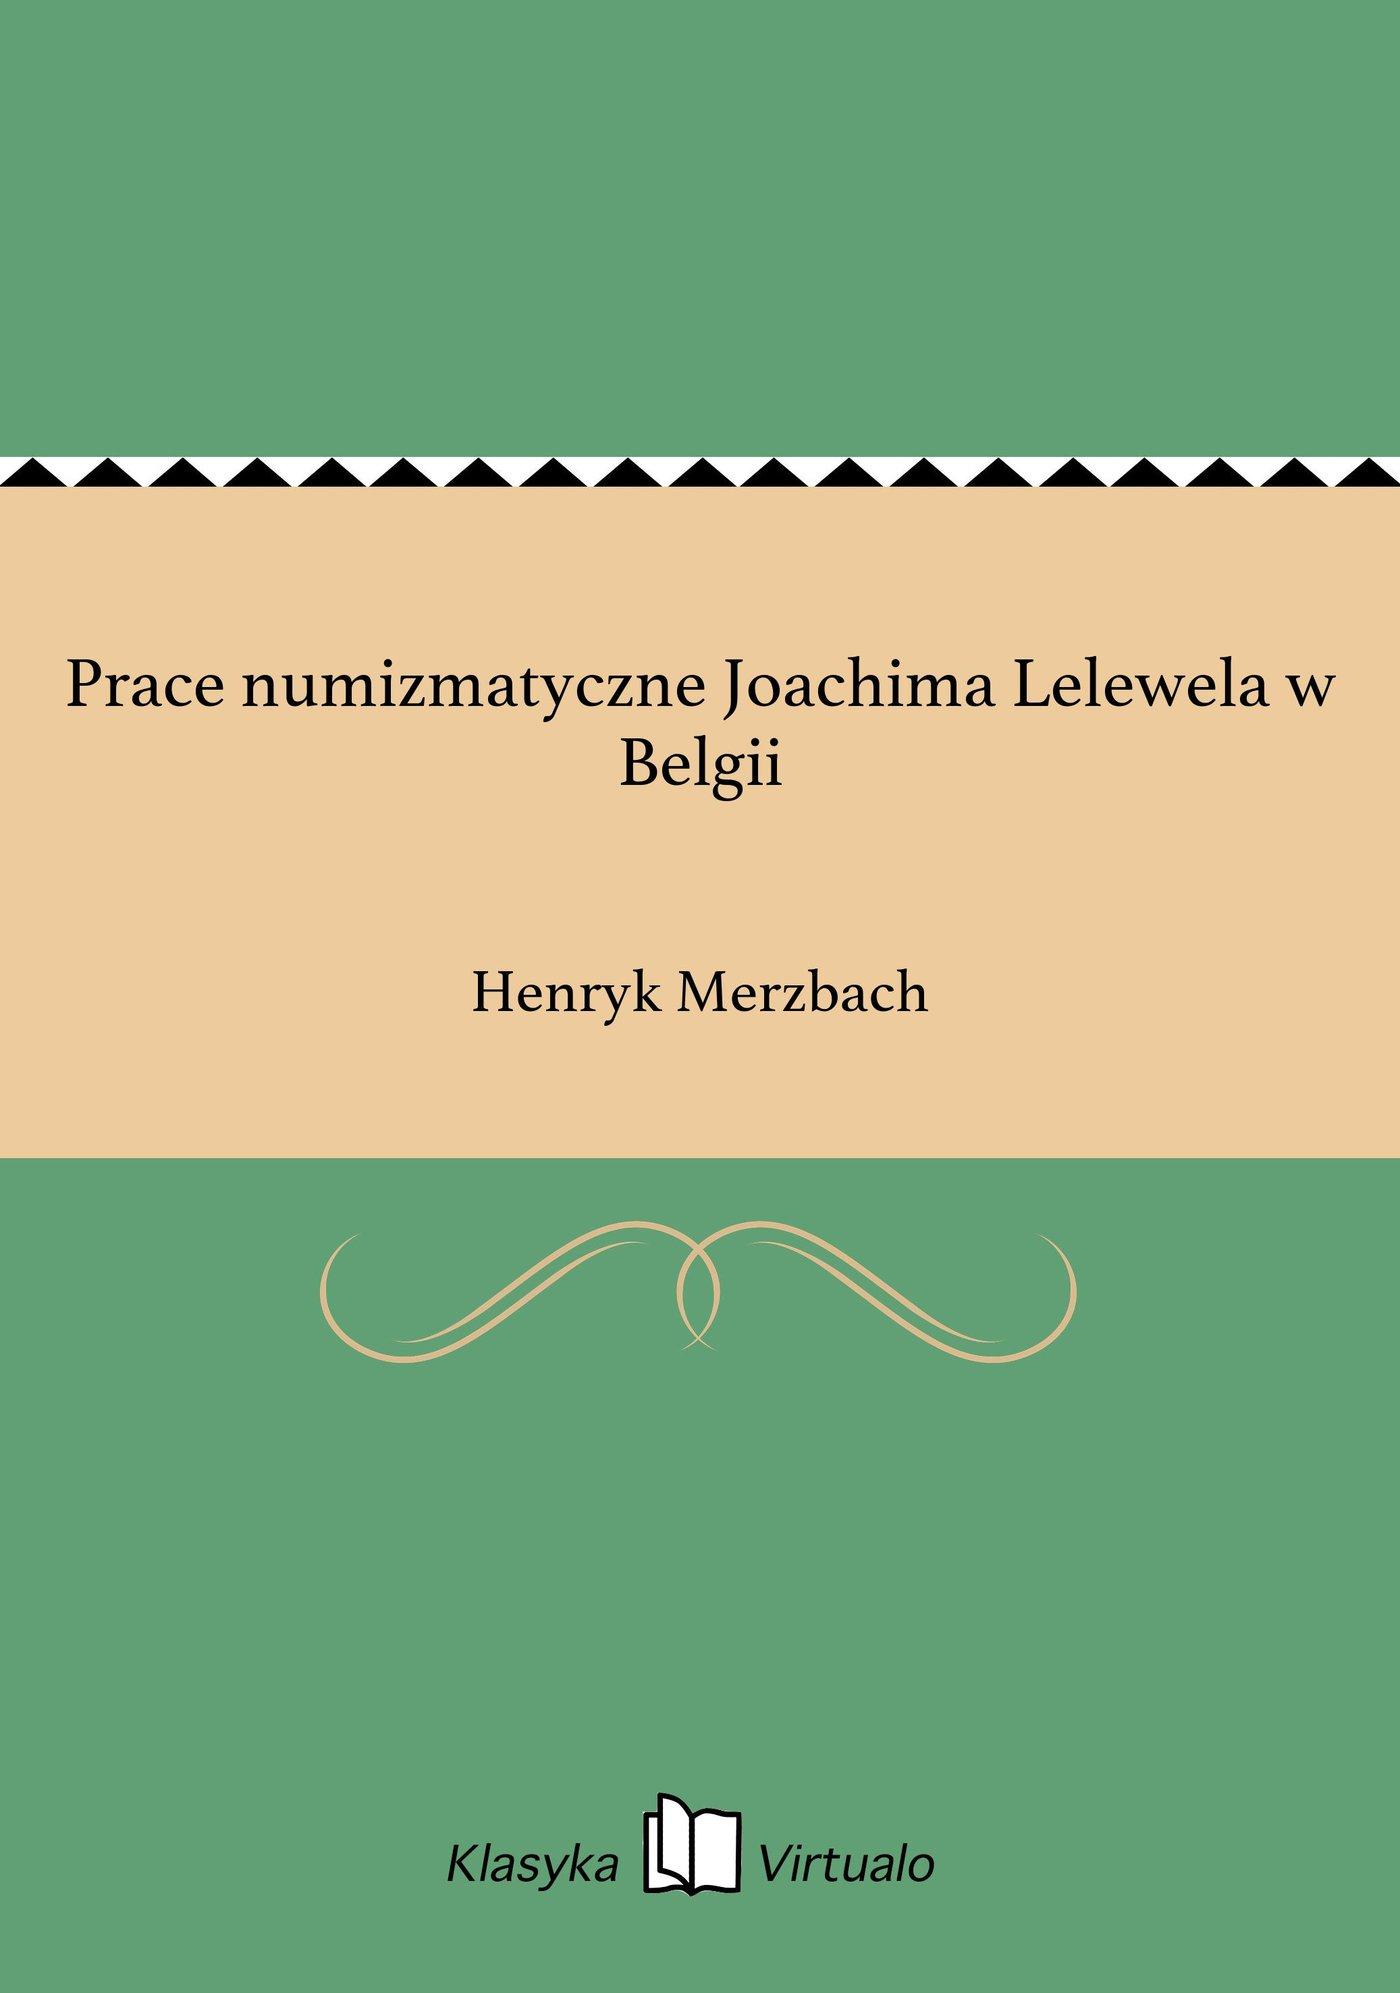 Prace numizmatyczne Joachima Lelewela w Belgii - Ebook (Książka EPUB) do pobrania w formacie EPUB